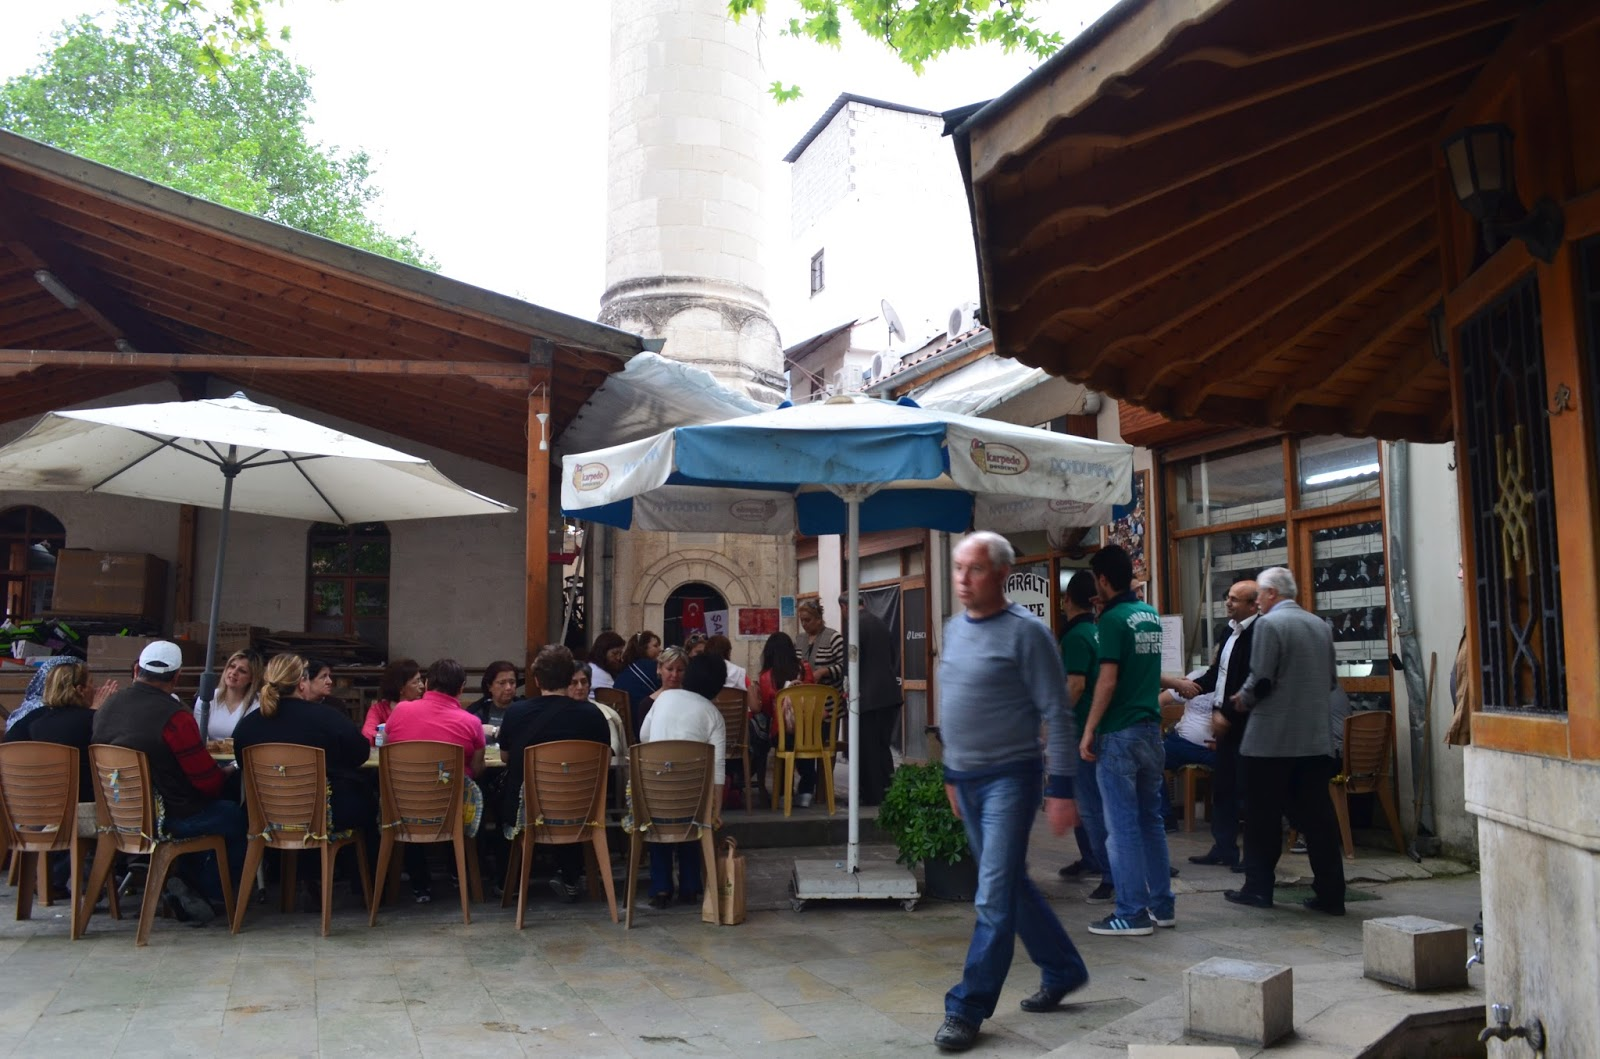 d4e3a4e70fe21 Bu işler biter bitmez bizi ikinci bir hüsran bekliyordu. Şehrin girişinde  yer alan St. Pierre kilisesi -ki restorasyonu bitmiştir mutlaka  görmelisiniz- ...